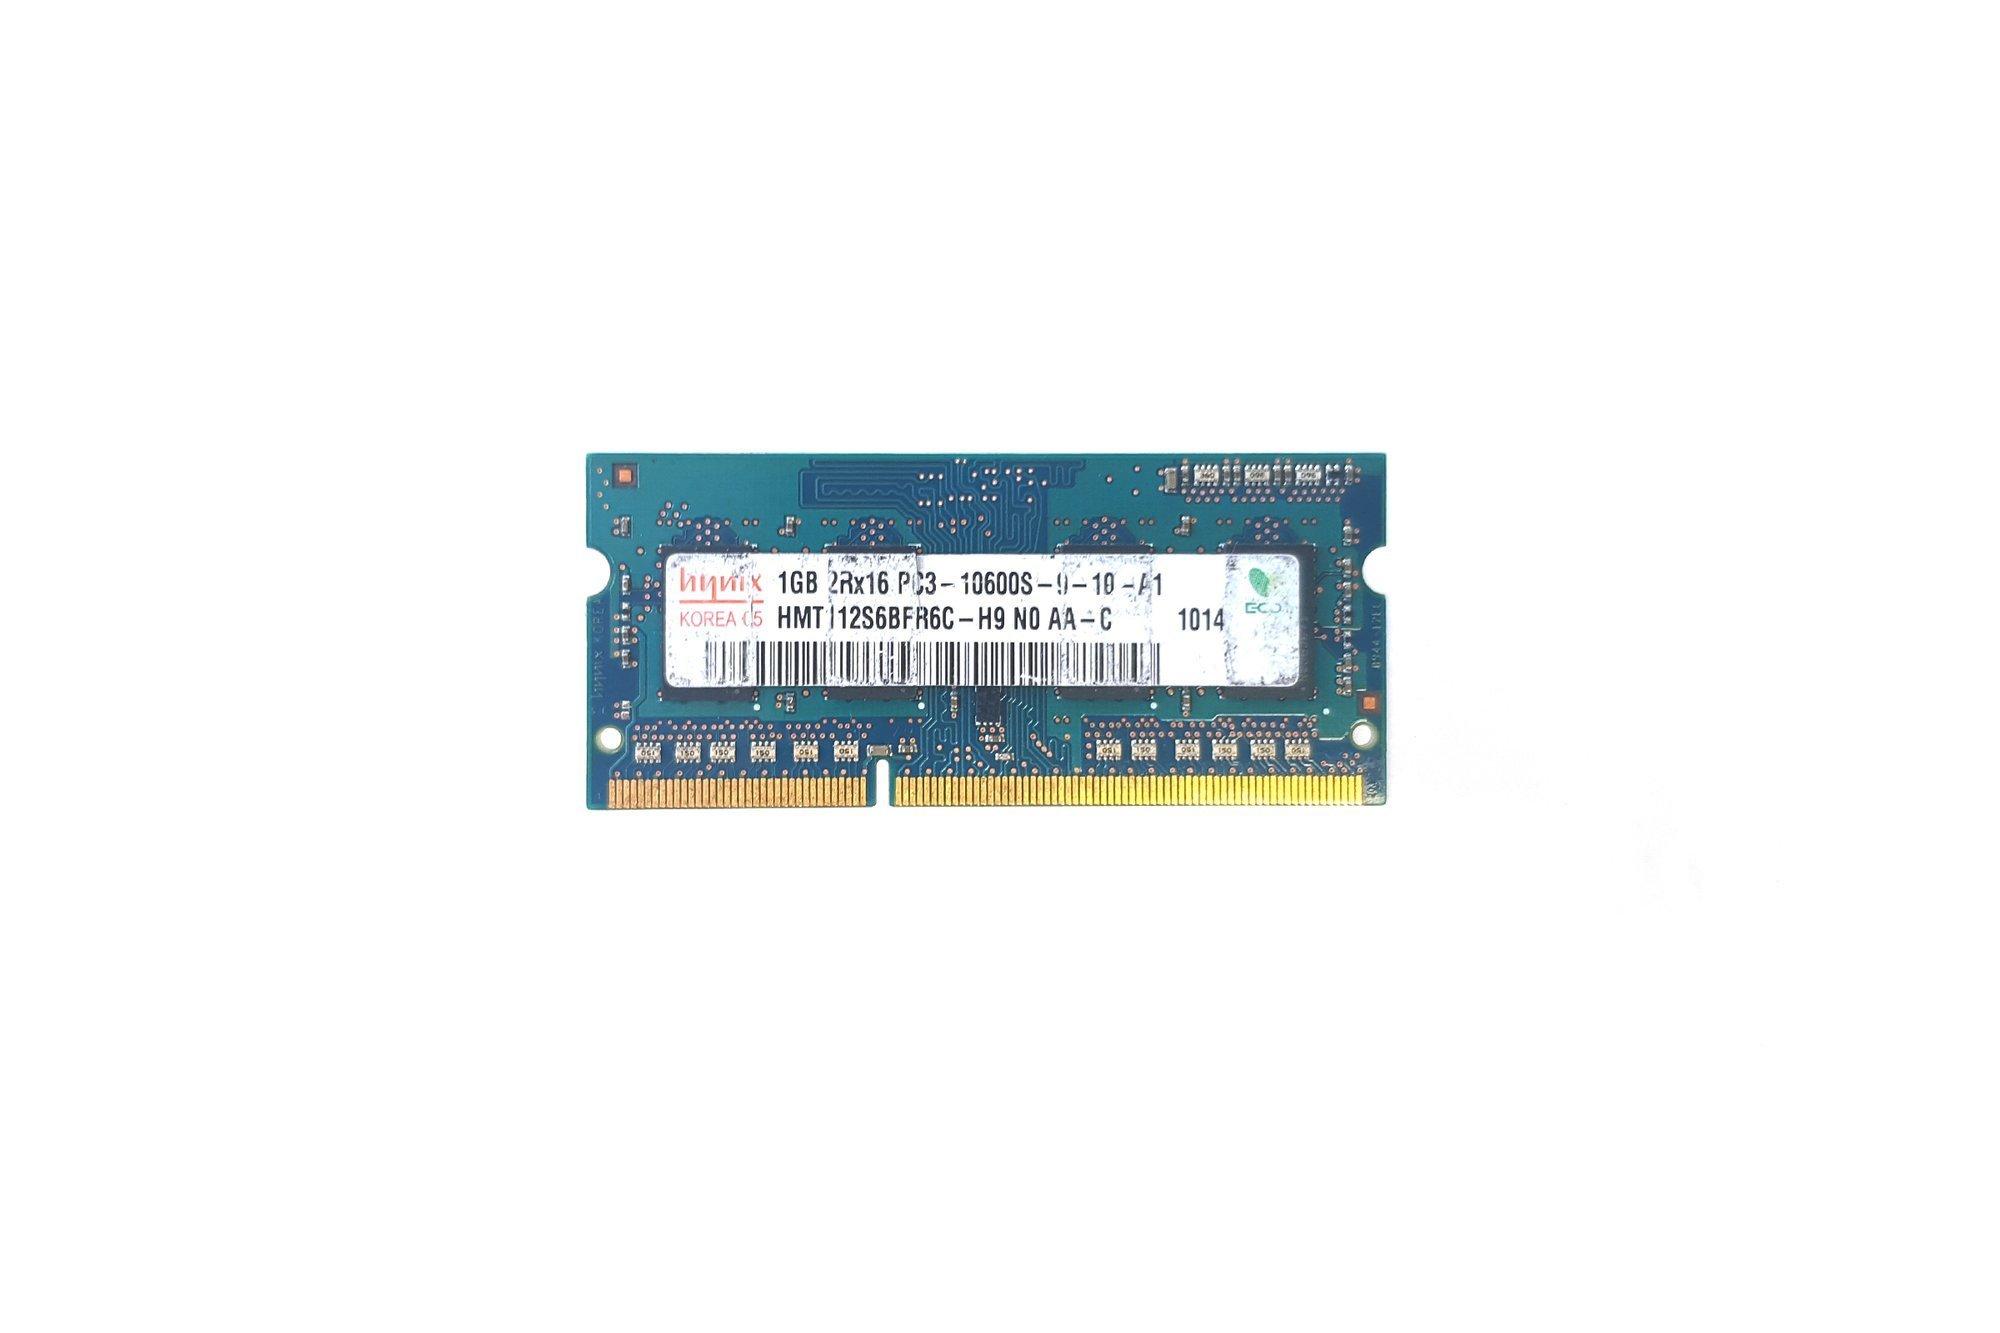 SODIMM RAM-Speicher Hynix 1GB DDR3 HMT112S6BFR6C-H9